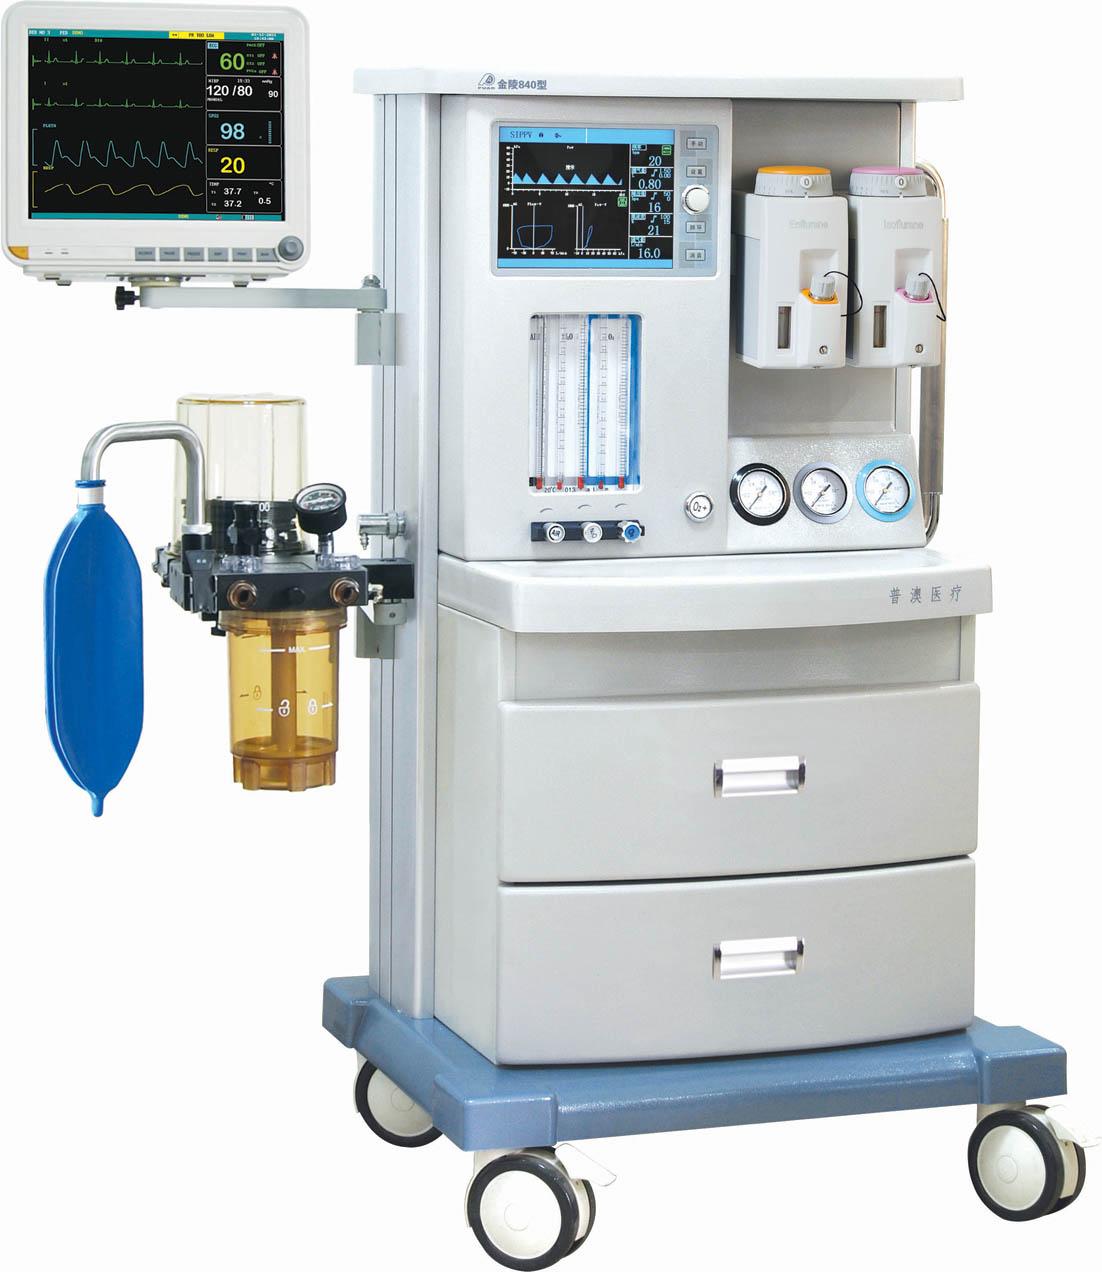 金陵840型麻醉机